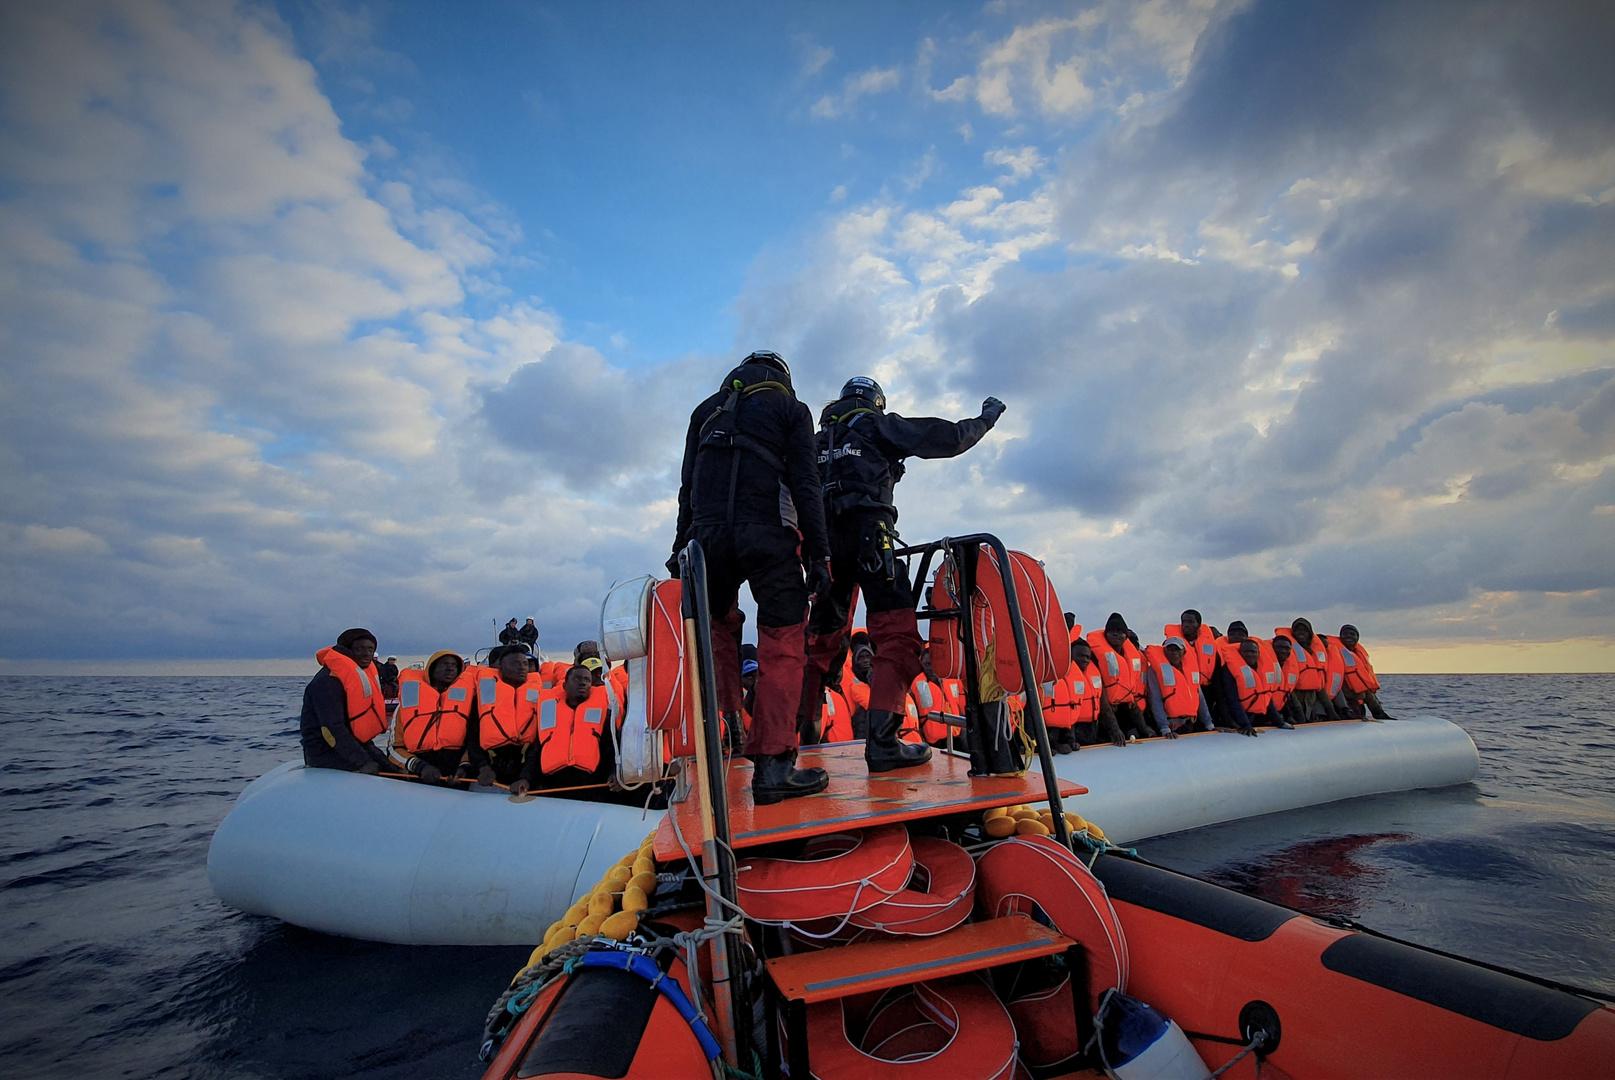 منظمة: فقدان 75 شخصا يبحرون على زورق مطاطي في البحر المتوسط